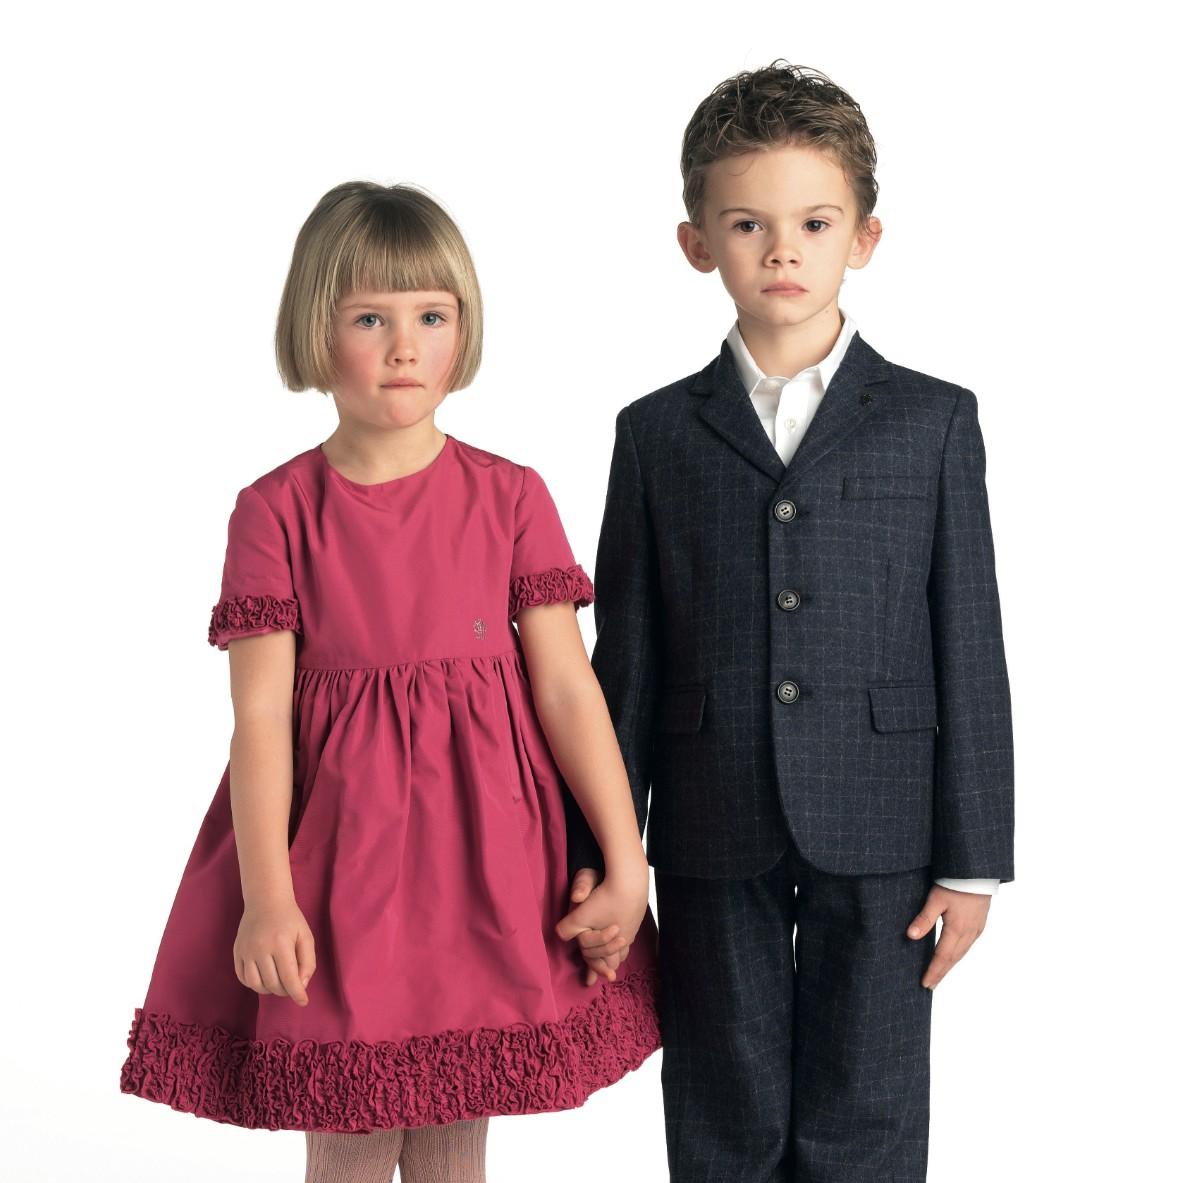 خصوصیات دختران و پسران امروزی